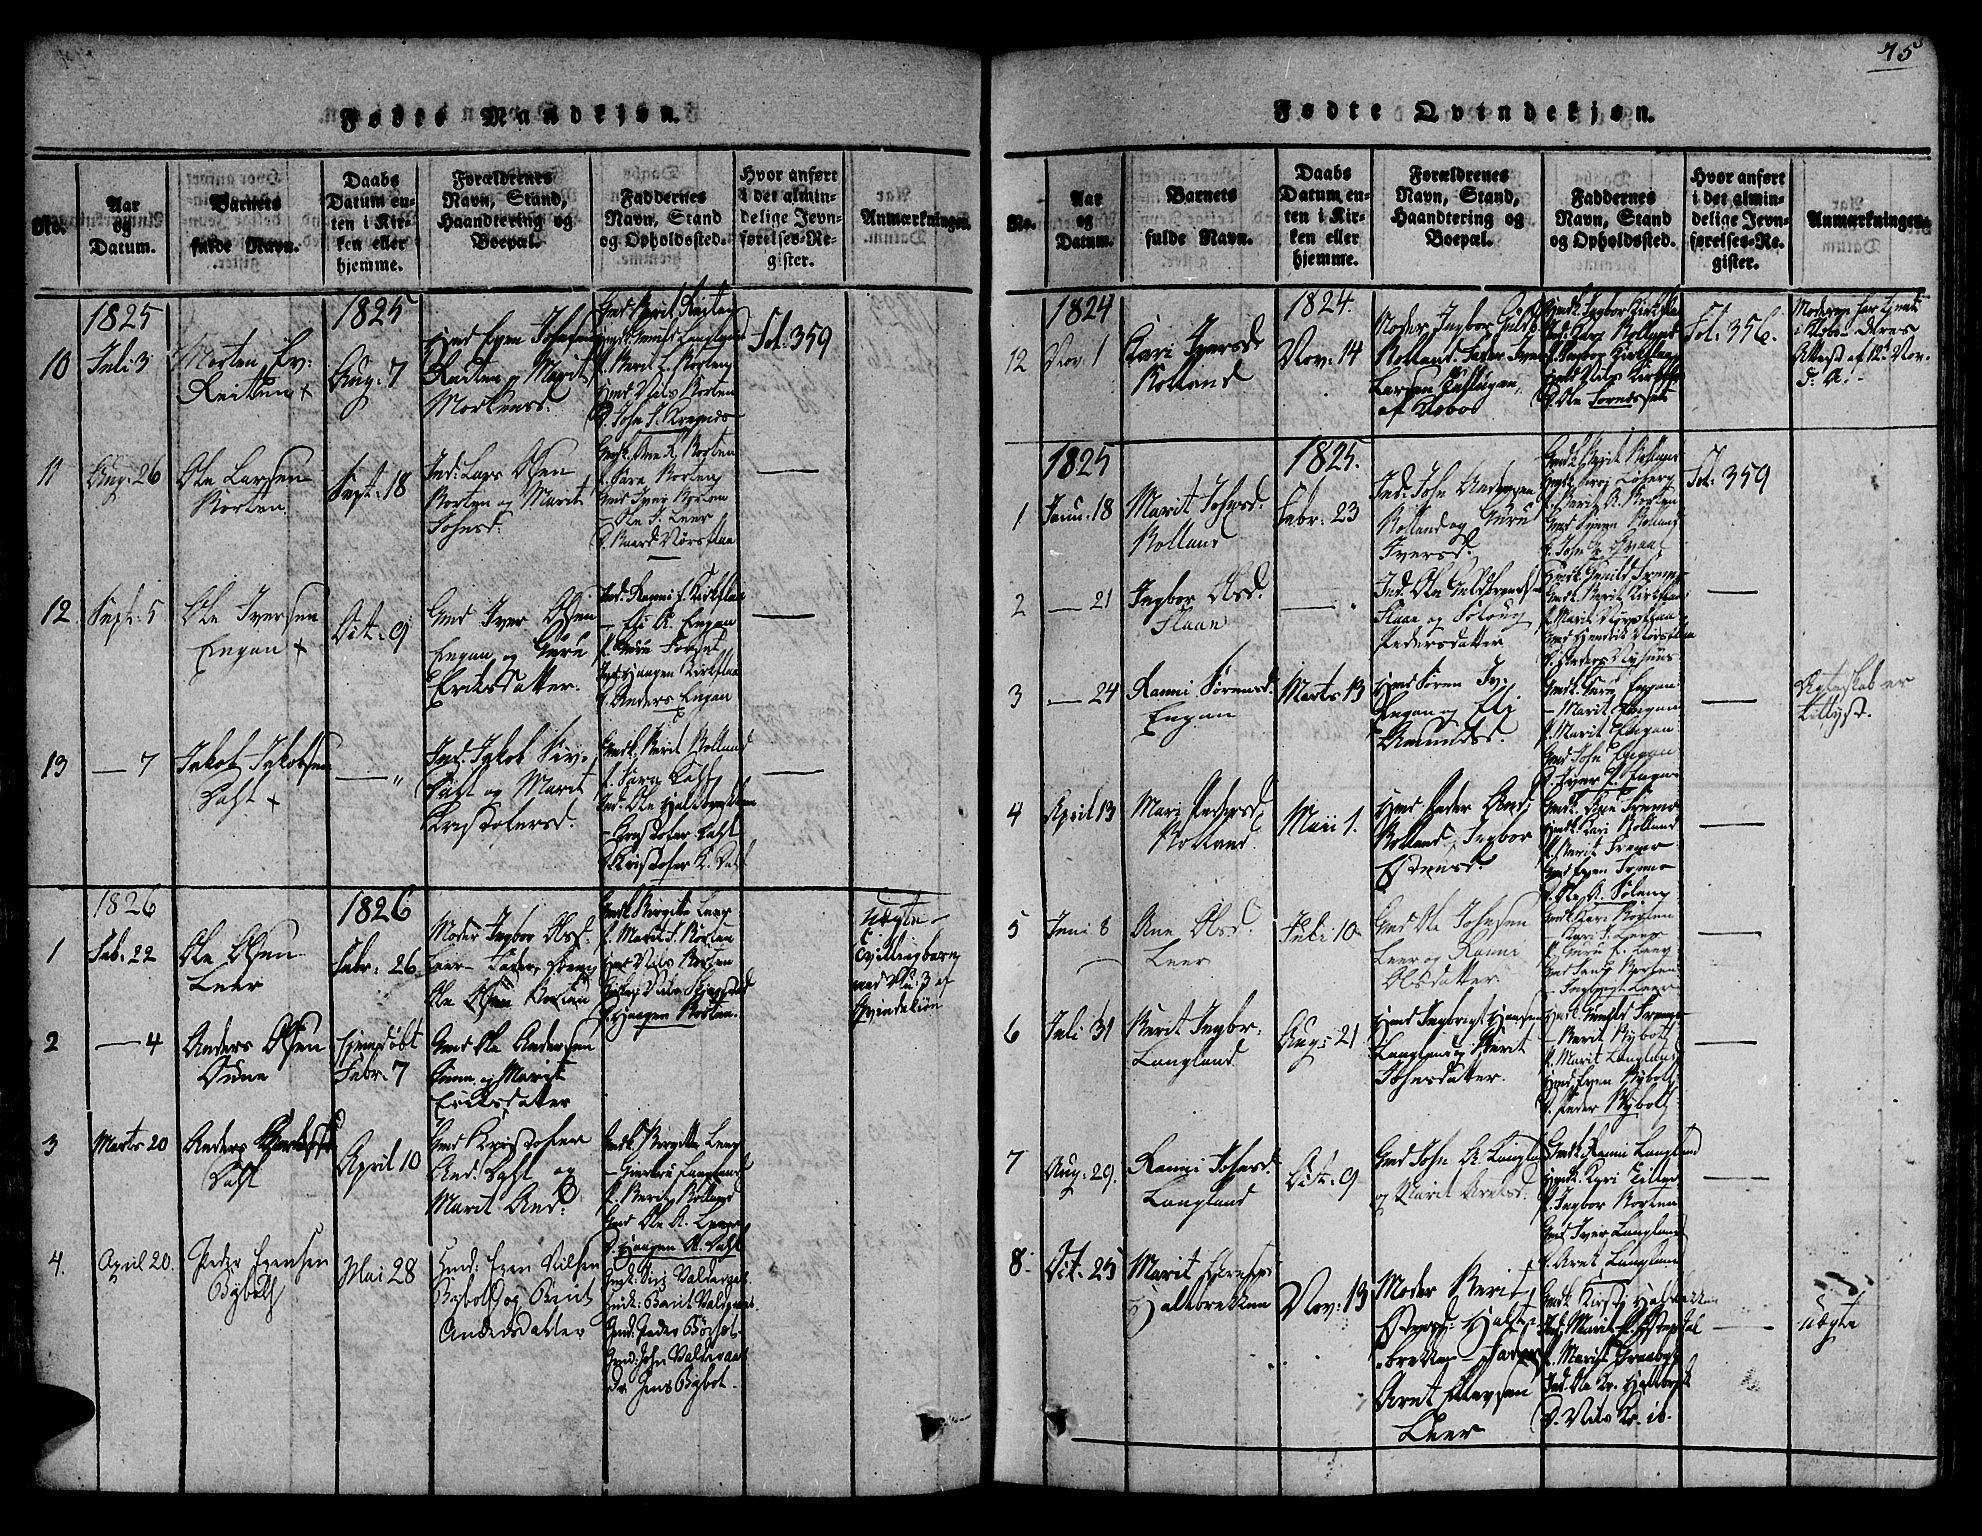 SAT, Ministerialprotokoller, klokkerbøker og fødselsregistre - Sør-Trøndelag, 691/L1066: Ministerialbok nr. 691A03 /2, 1816-1826, s. 75